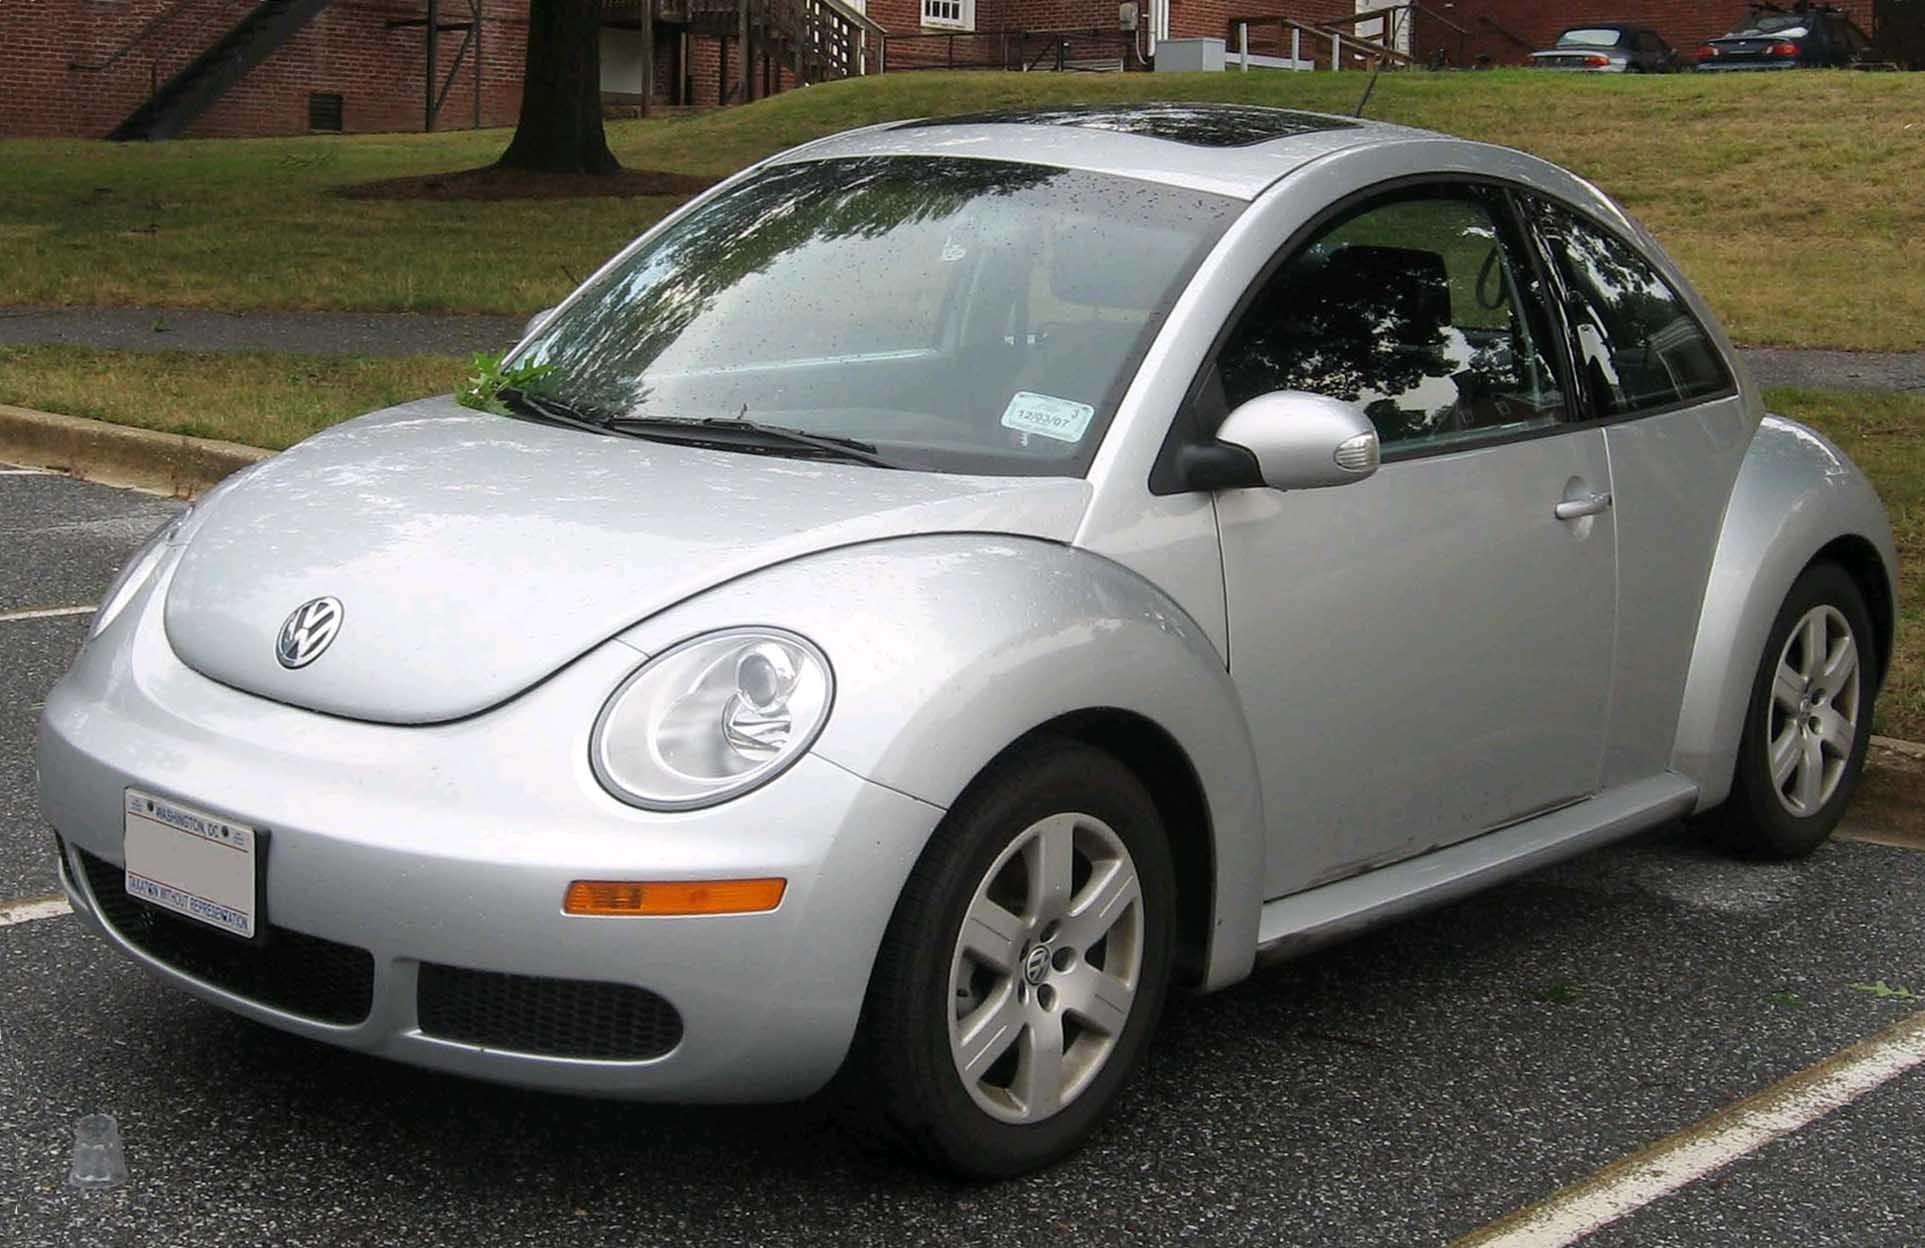 Volkswagen Beetle Wallpapers for Computer